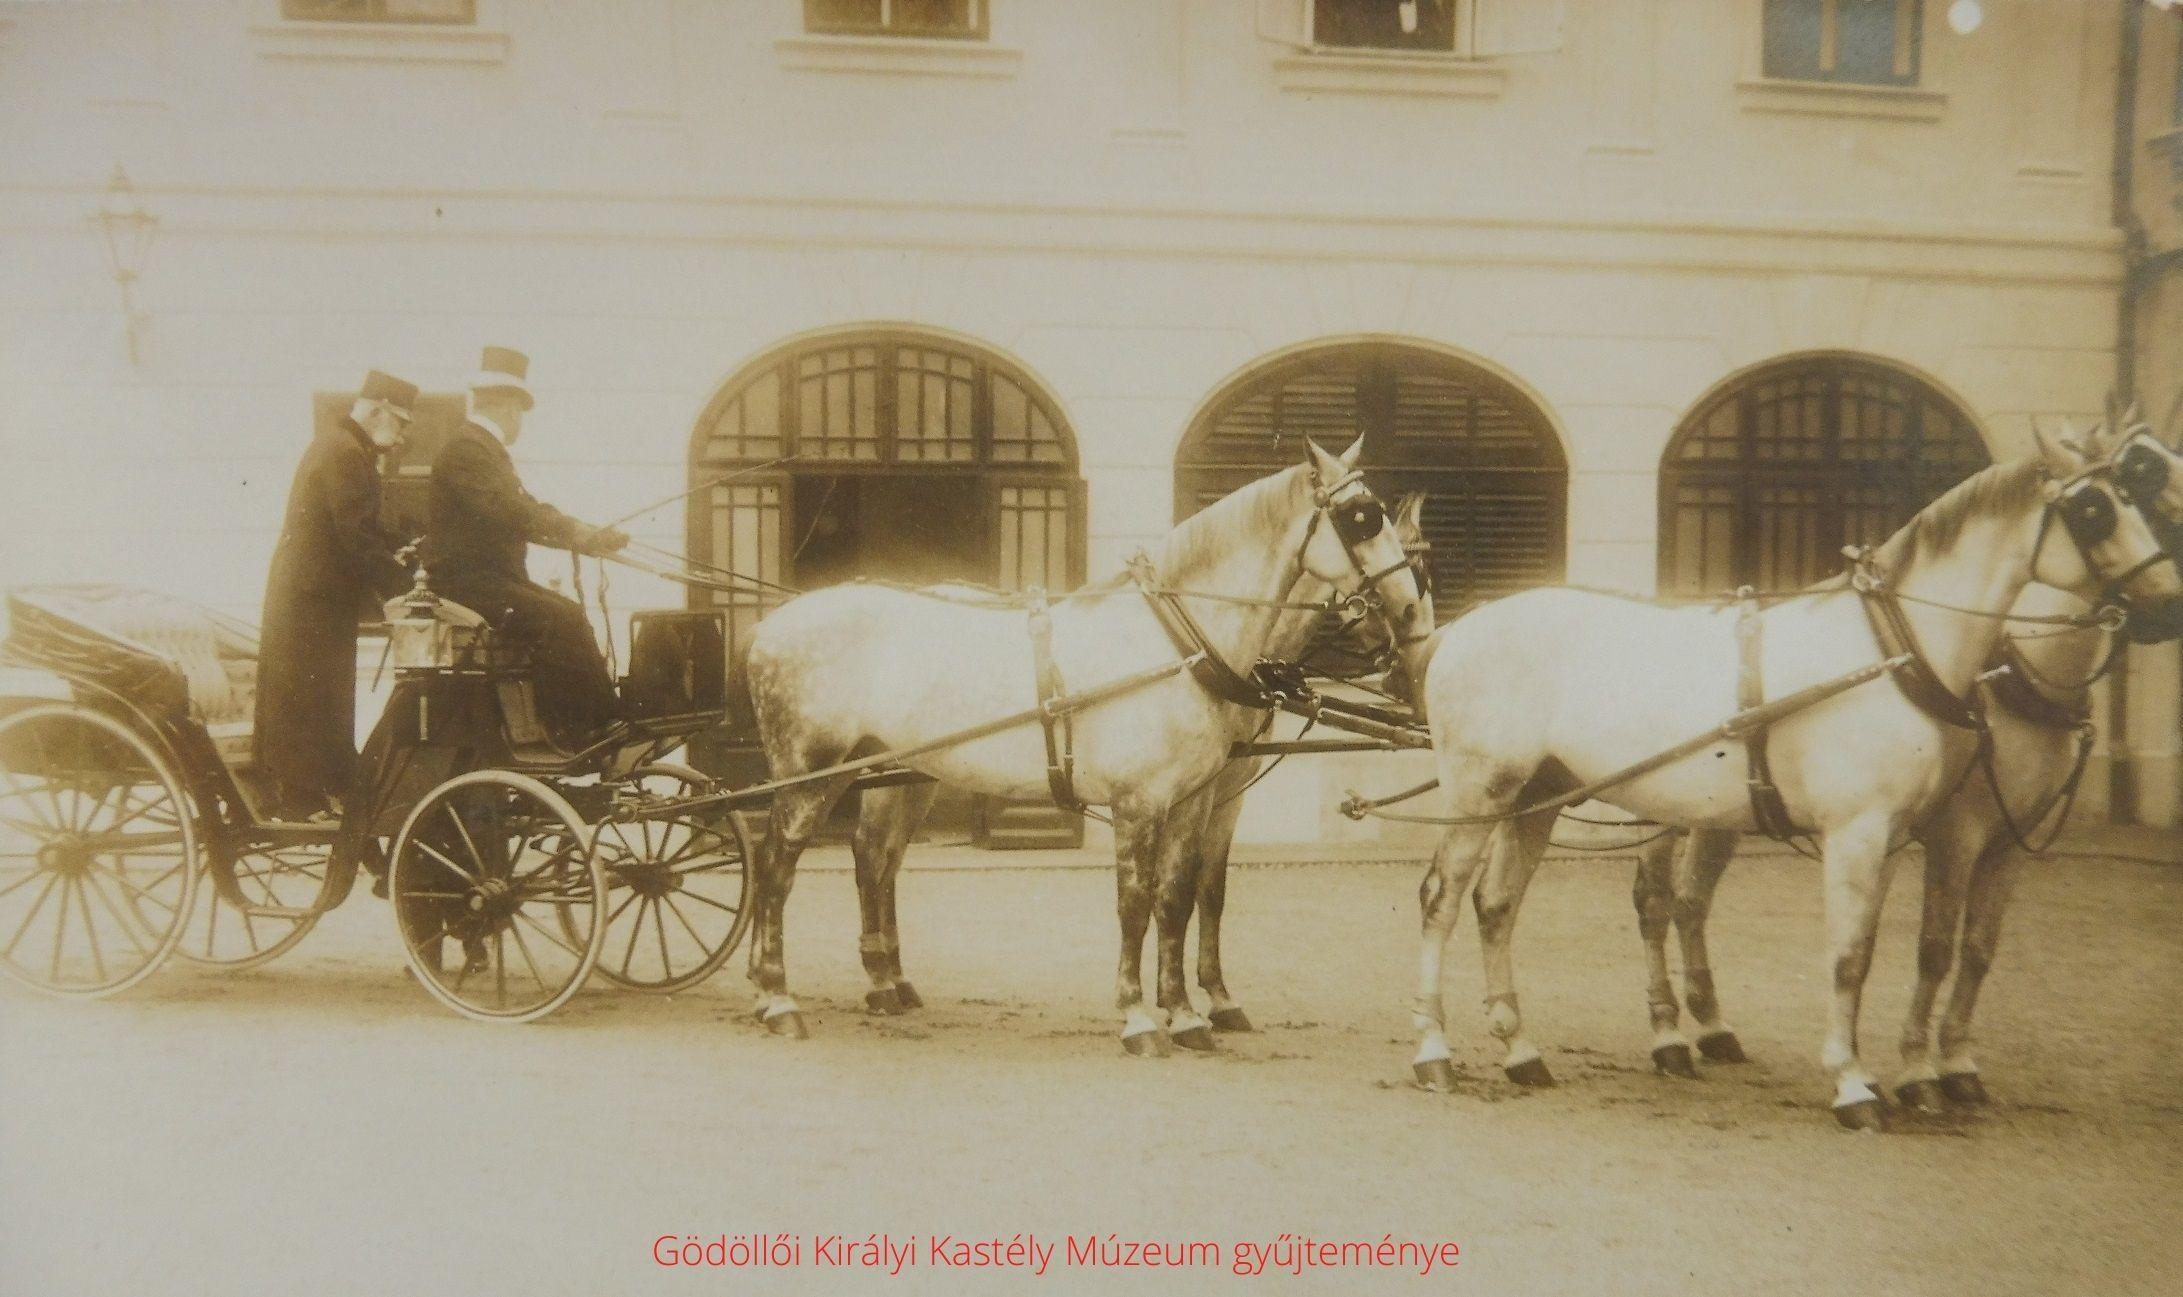 godolloi_kiralyi_kastely_muzeum_gyujtemenye_3.jpg